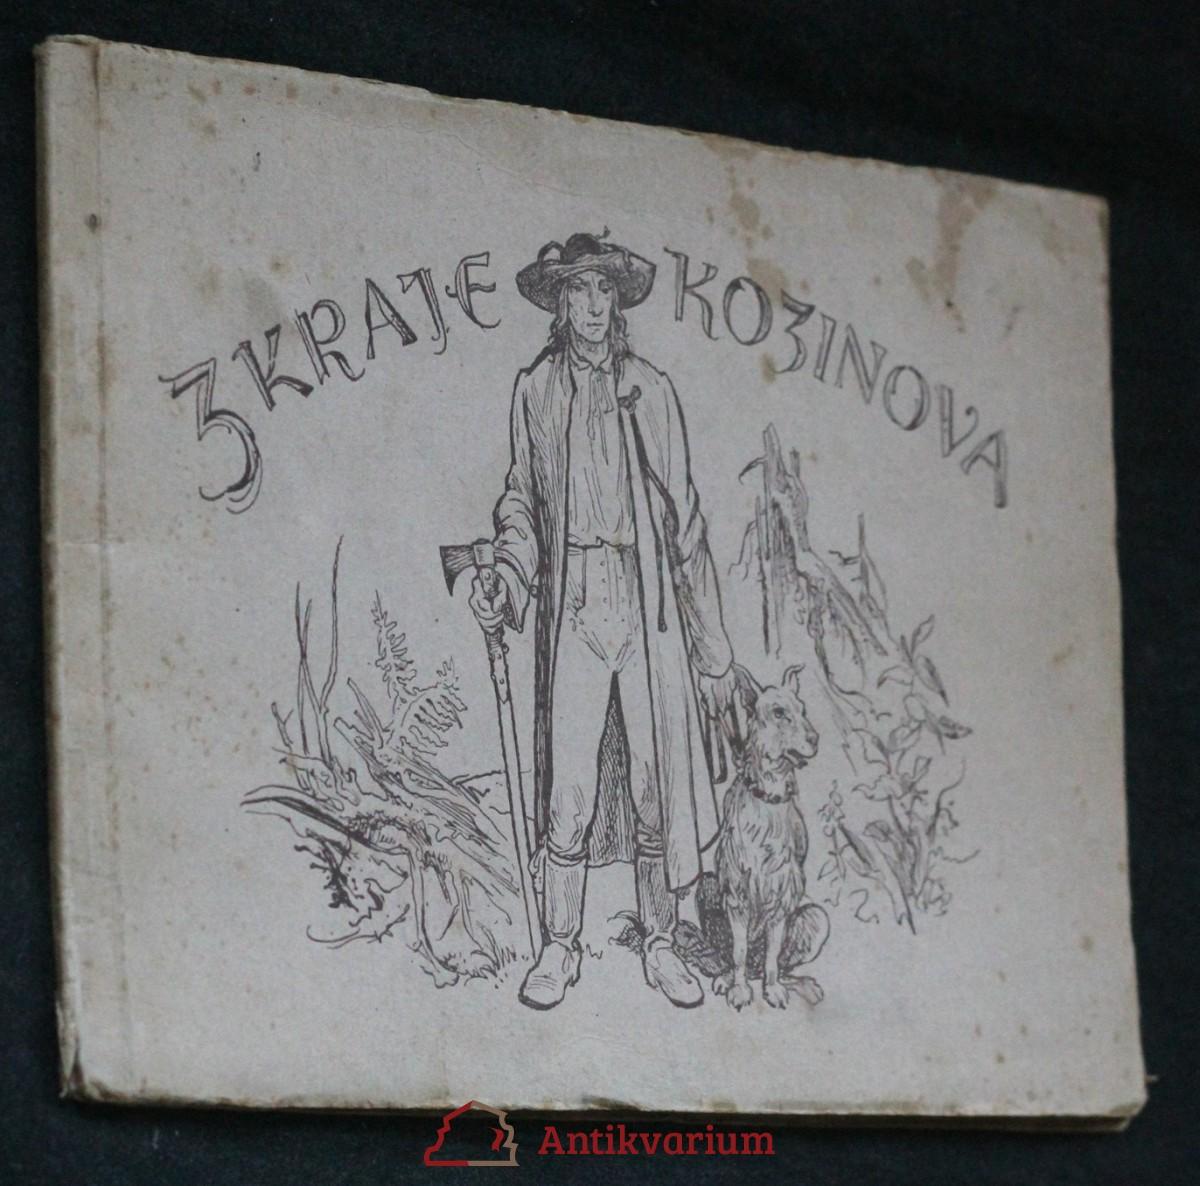 Z kraje Kozinova